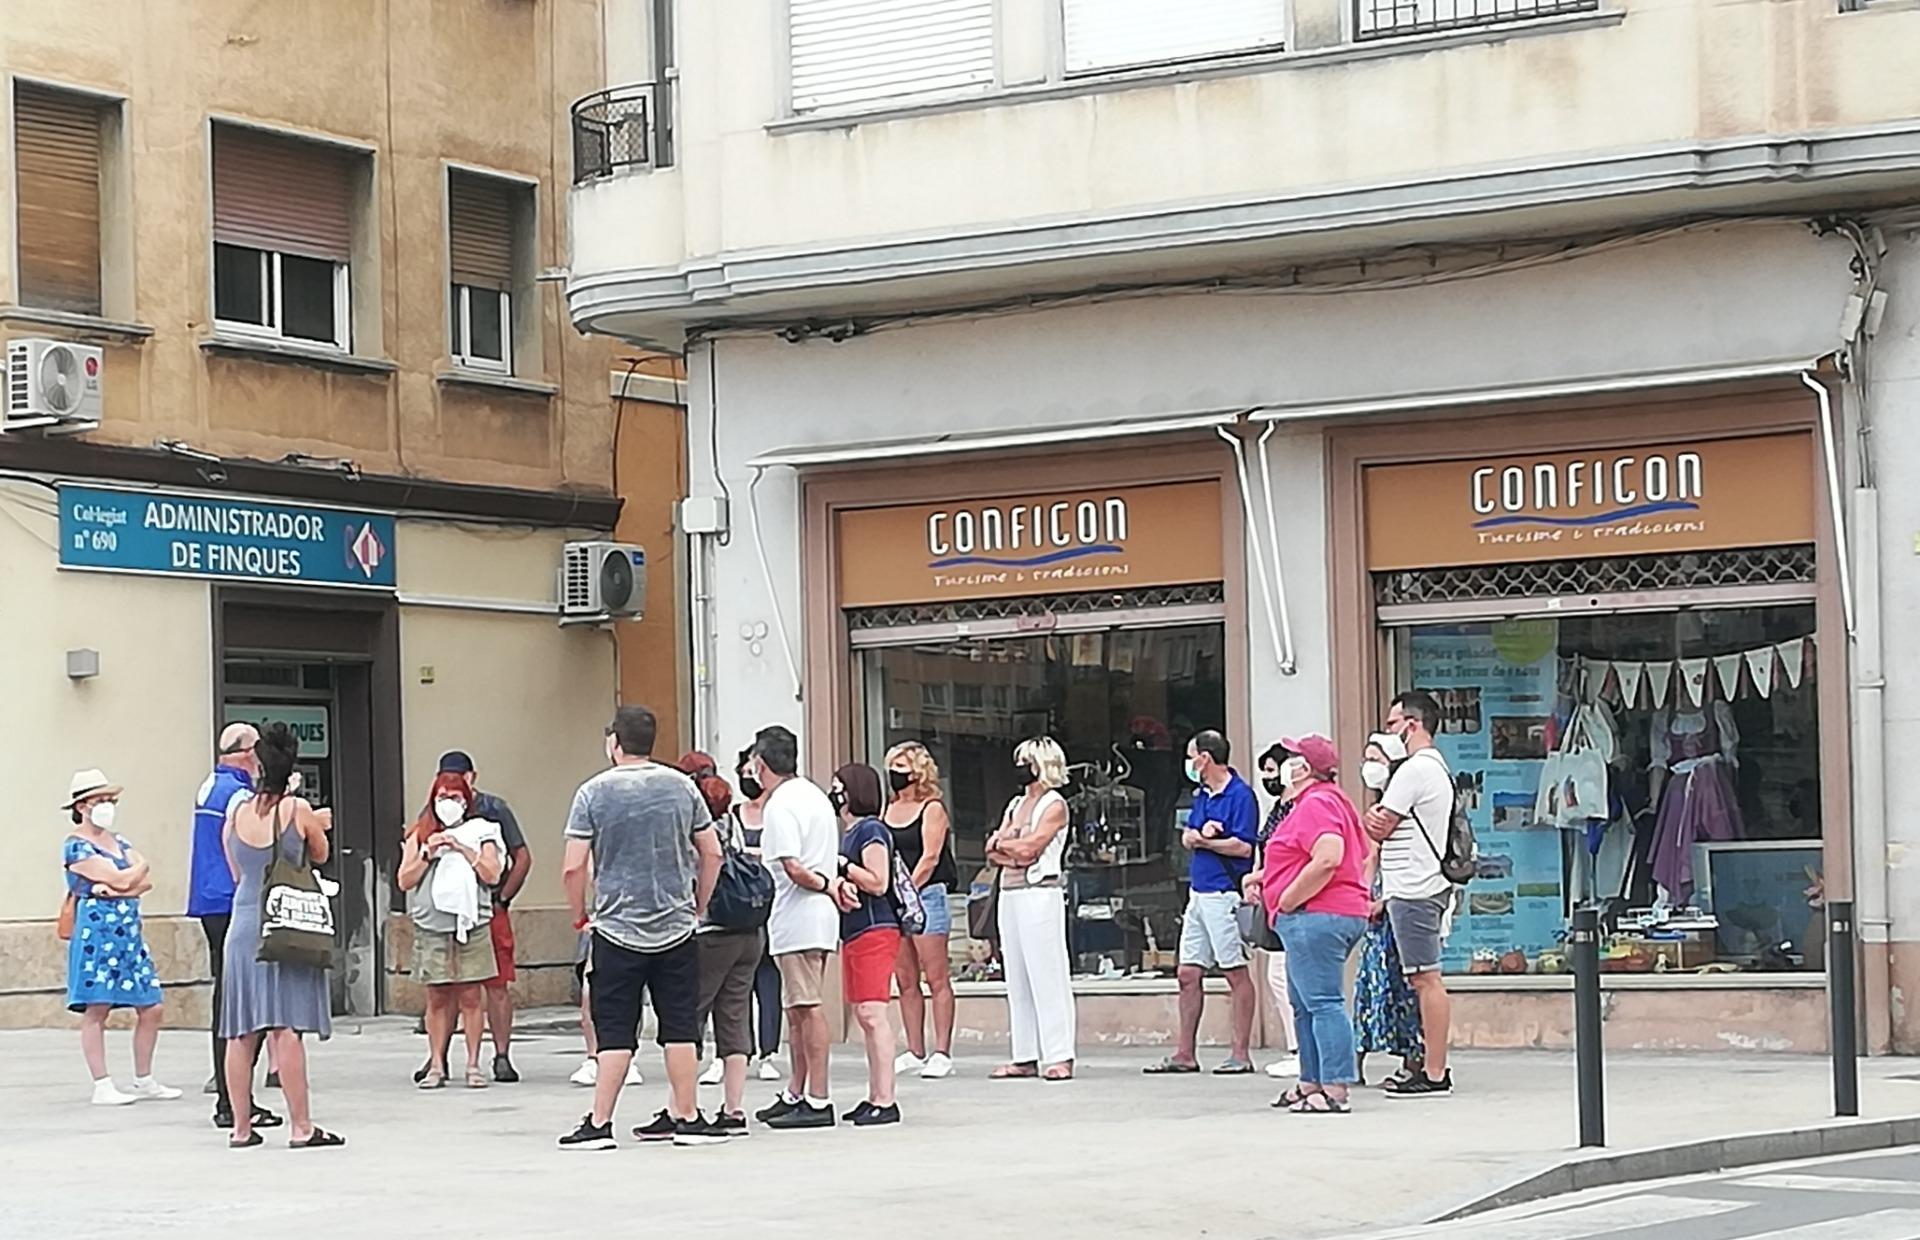 Visita guiada cultural per Tortosa a peu